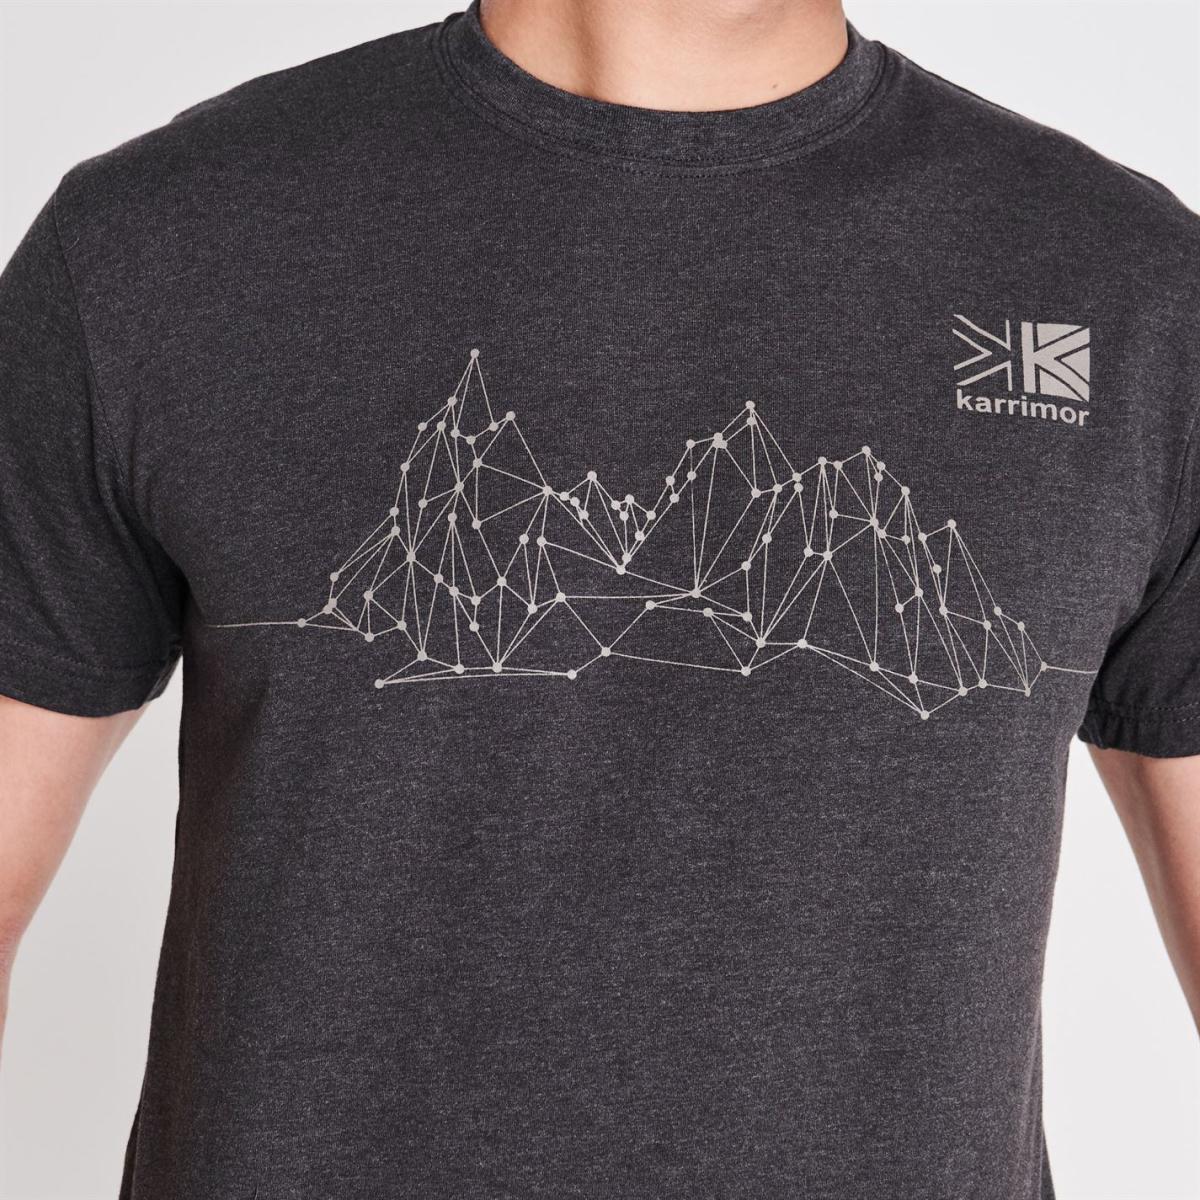 Blink 182 T-Shirt T shirt Tshirt Kurzarm Herren Top 4904